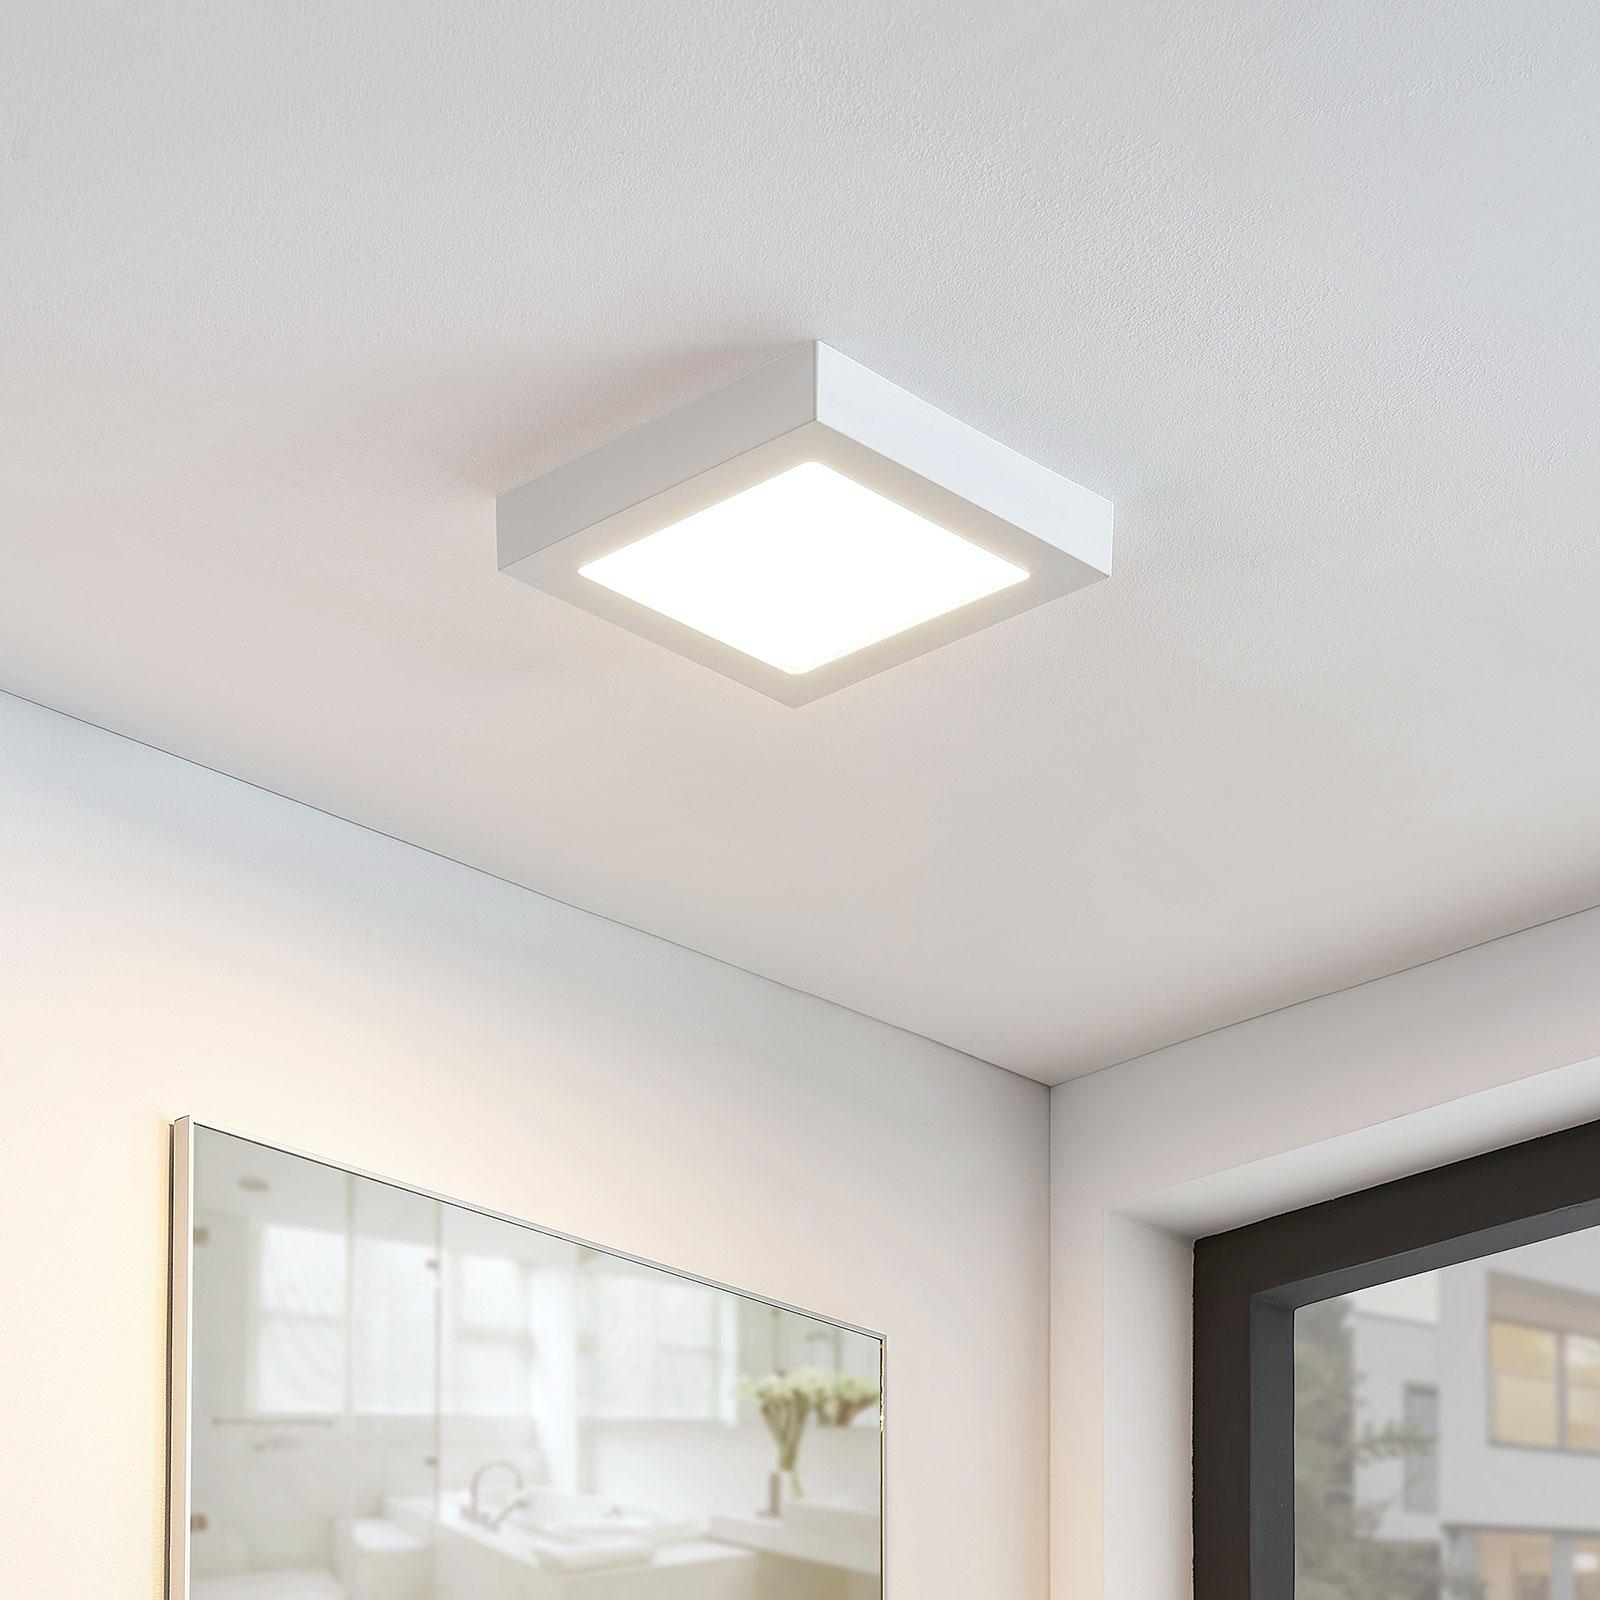 LED stropní svítidlo Marlo 3000K hranaté 23,1cm